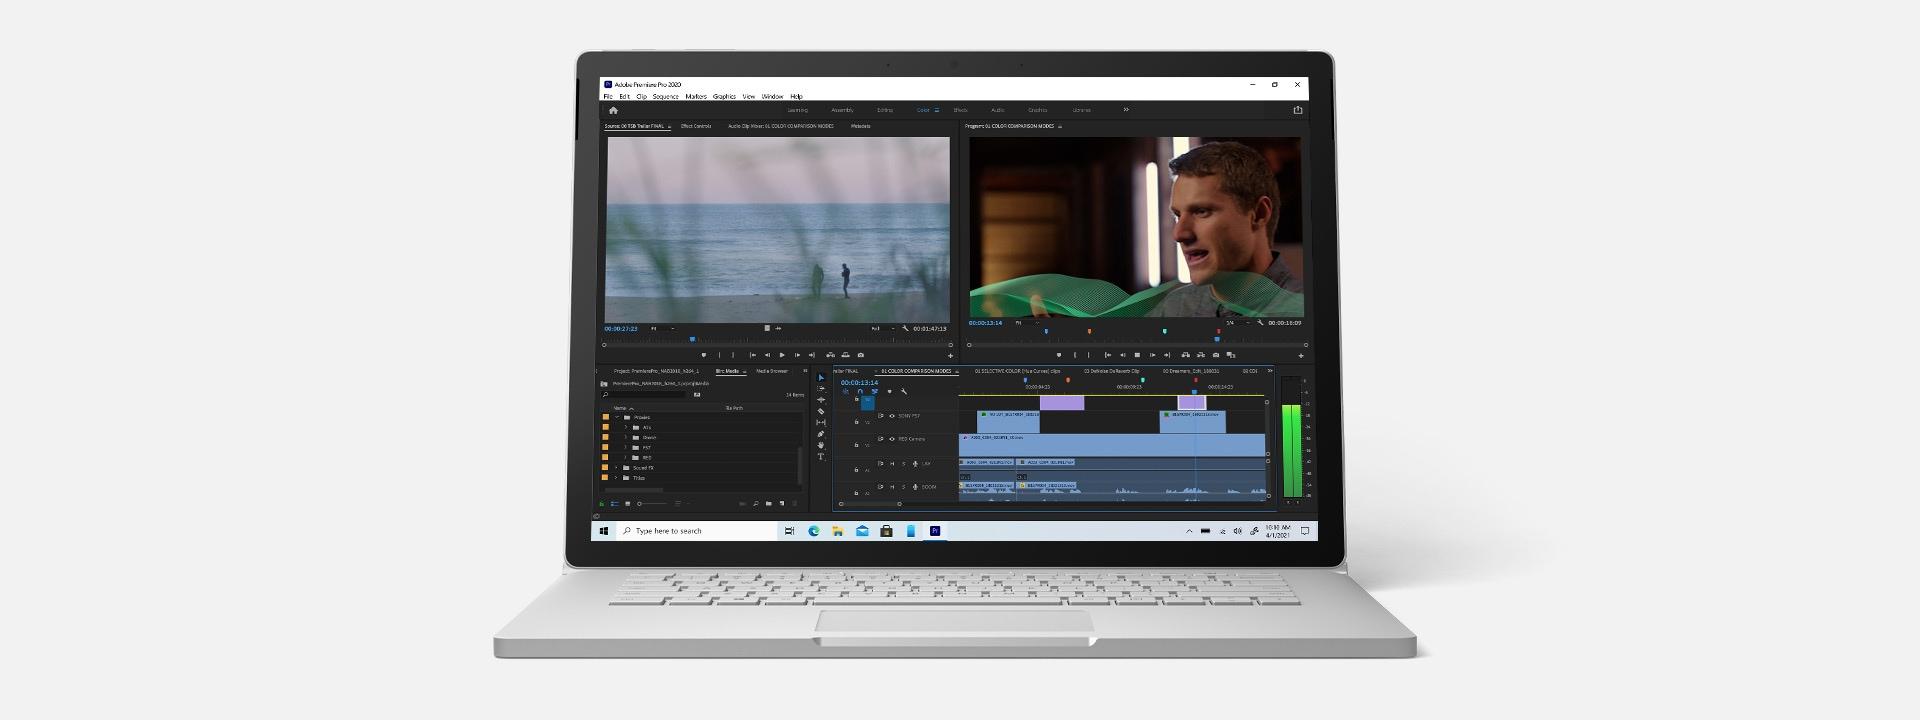 Surface Book 3 z uruchomioną aplikacją Adobe Premiere